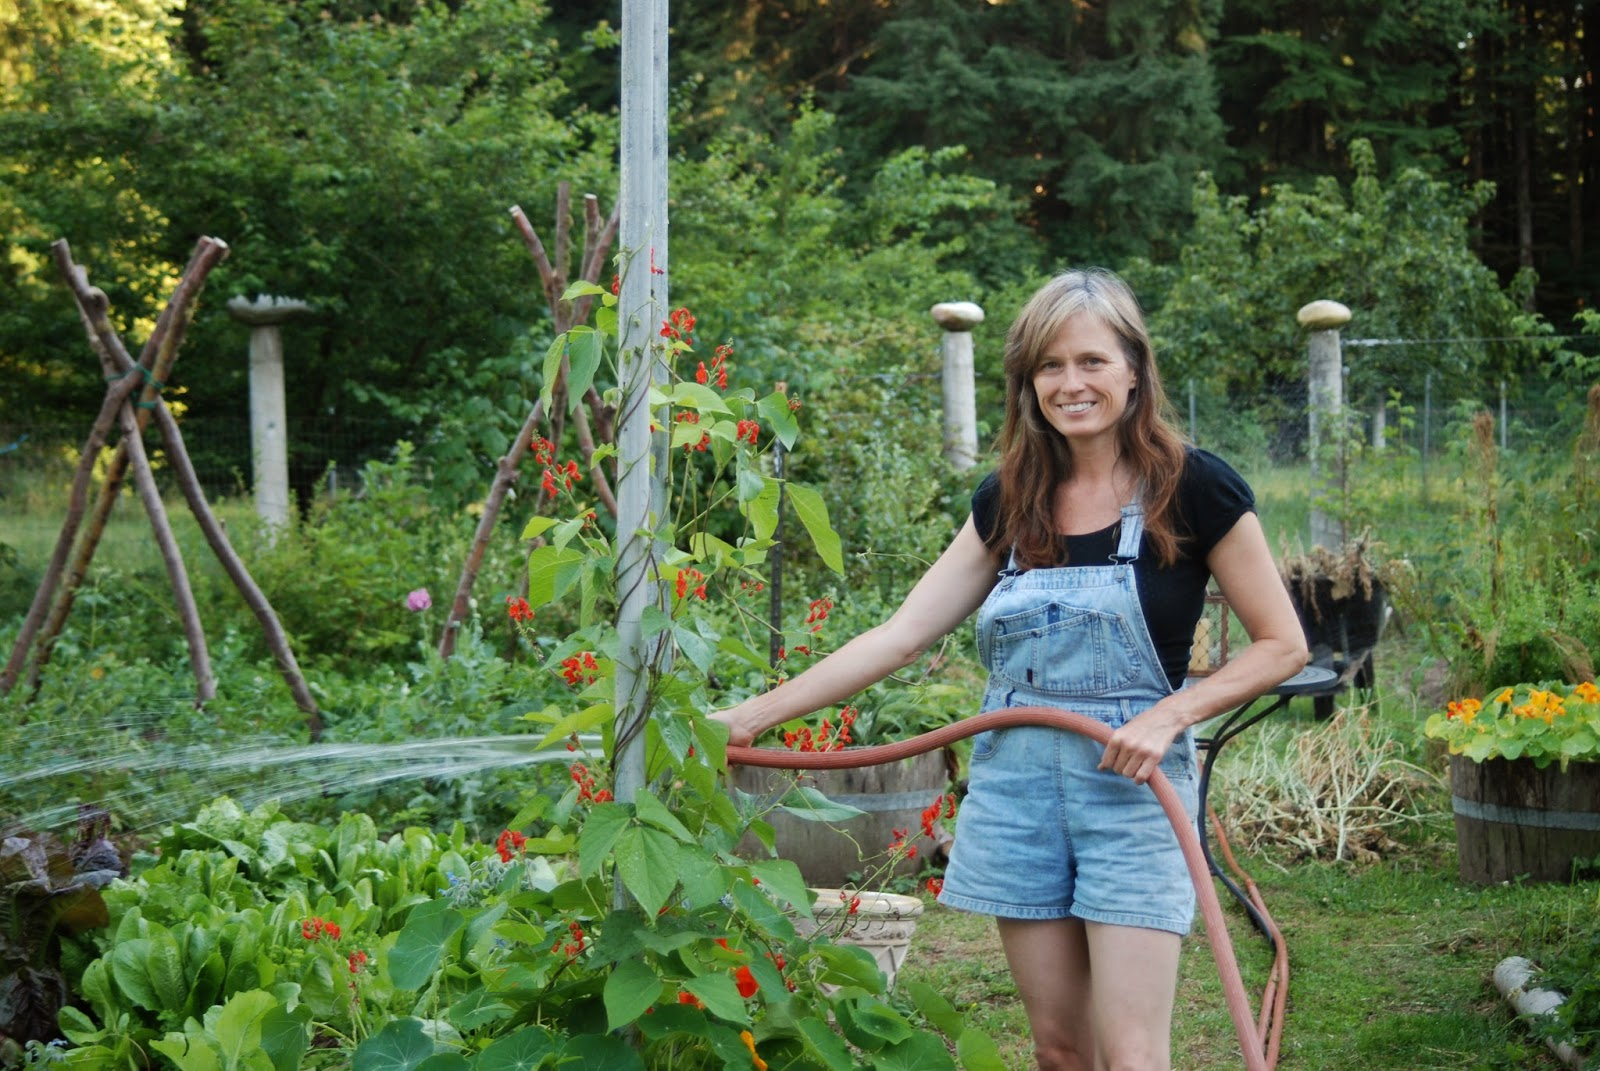 73 Craigslist Ohio Farm Garden Allentown Farm Garden By